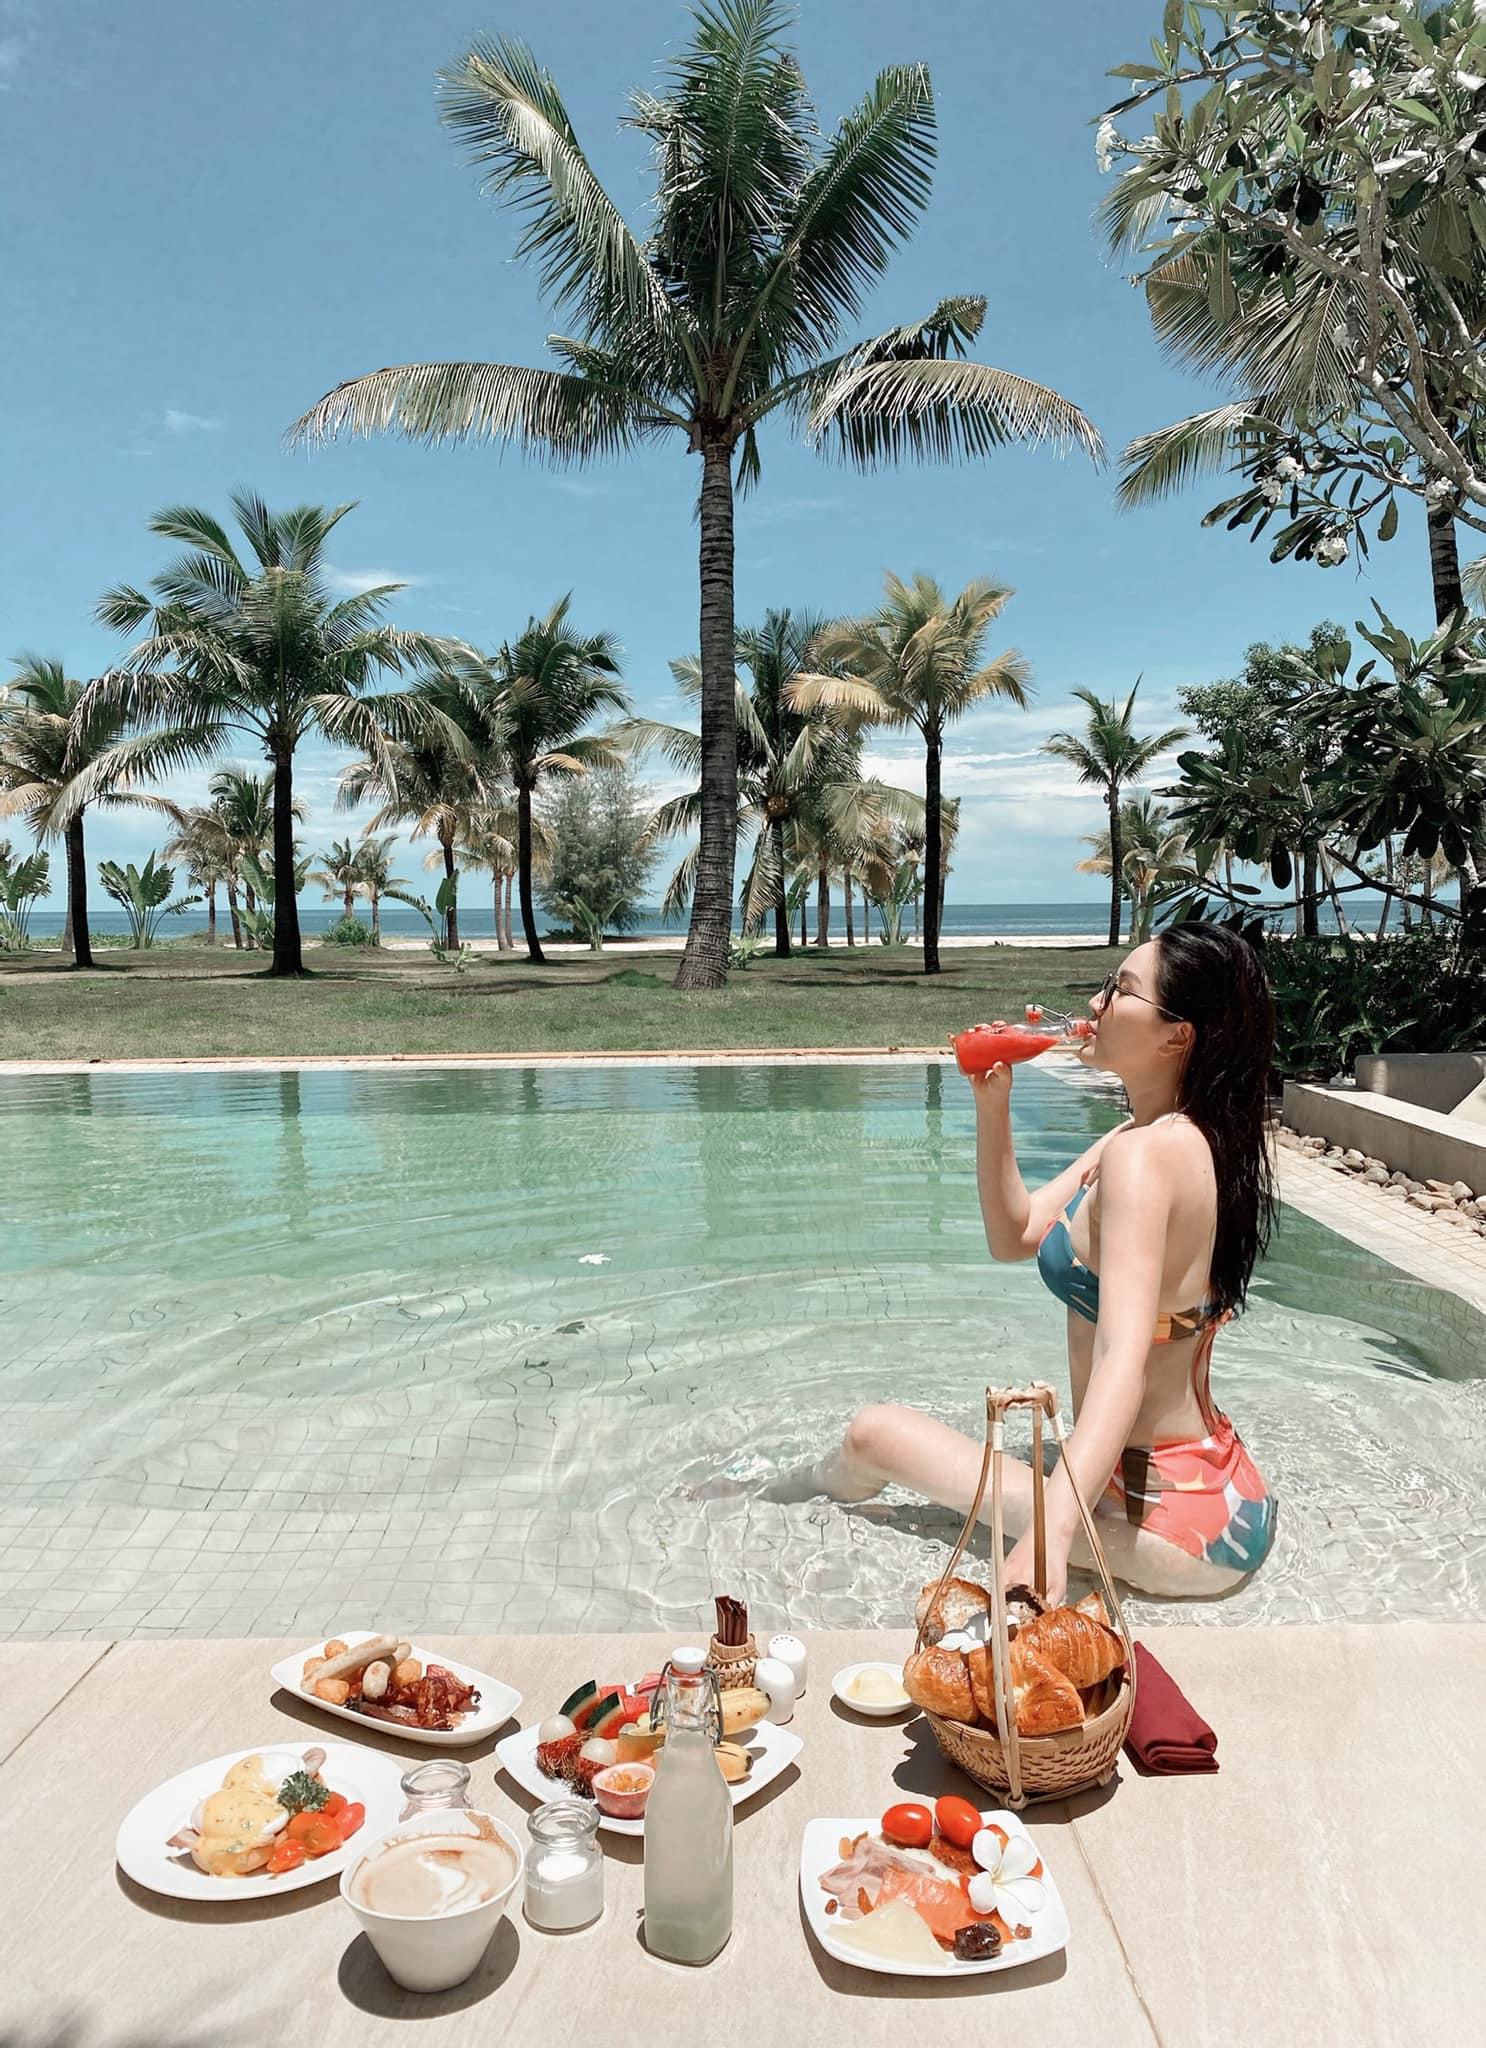 Nhìn những chuyến du lịch siêu sang chảnh của Bảo Thy mà ngưỡng mộ: Toàn check-in resort cao cấp nhất, không bận tâm chi phí - Ảnh 5.